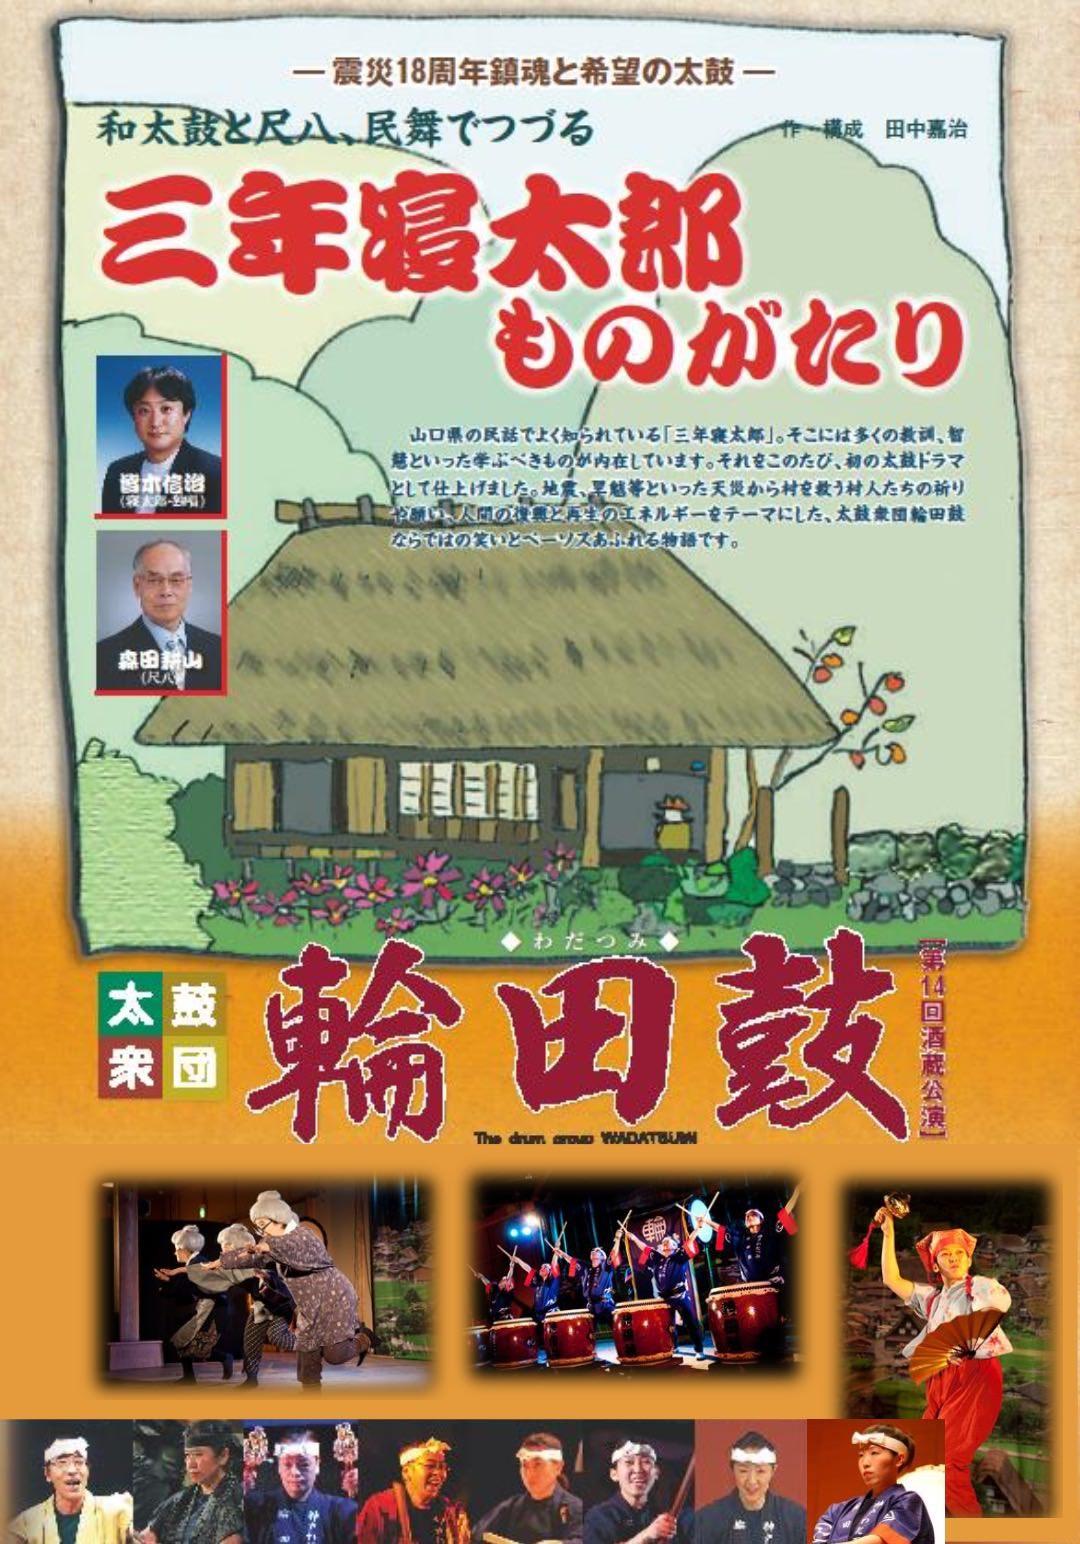 太鼓衆団 輪田鼓酒蔵公演「三年寝太郎ものがたり」(DVD)